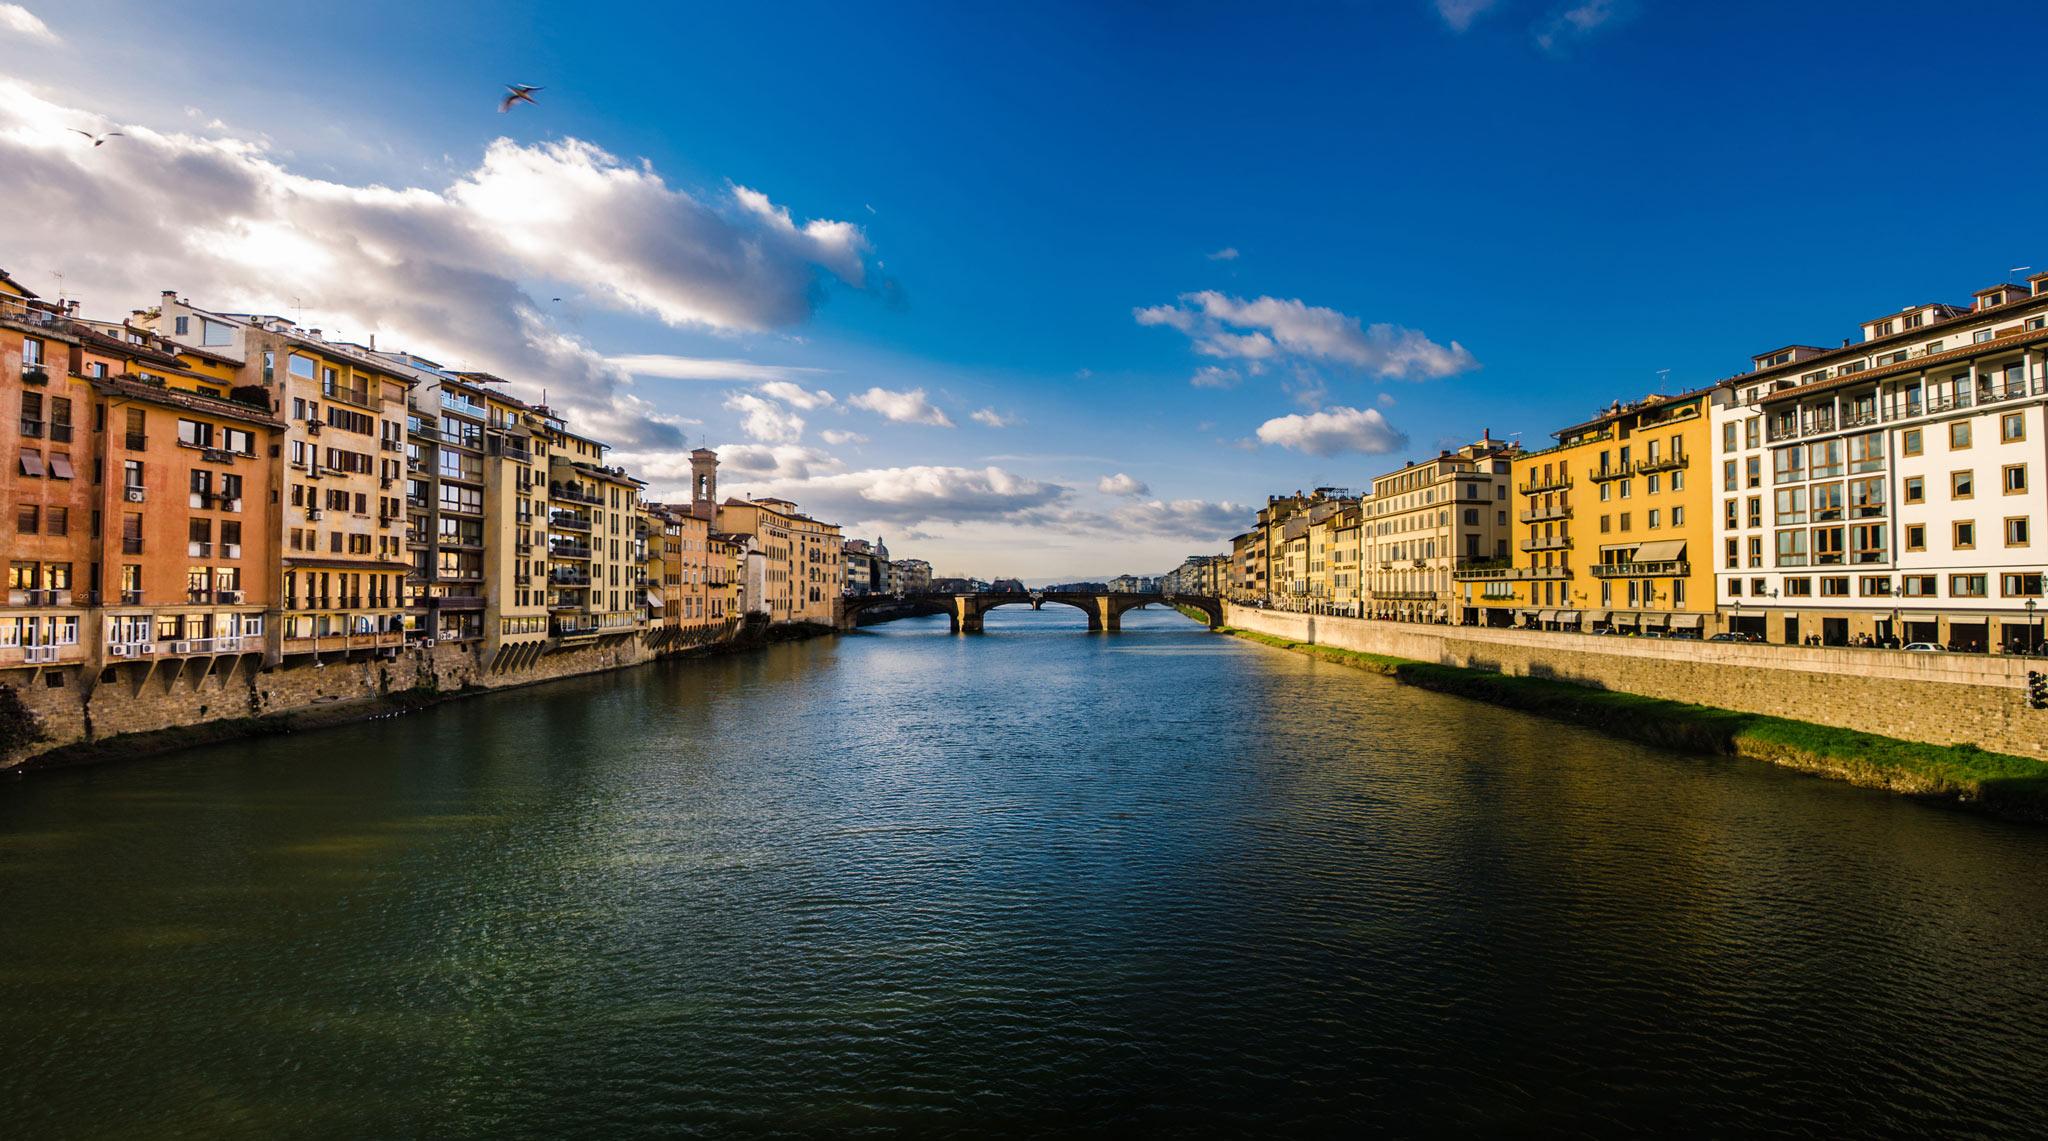 Paesaggi-Italia - Panoramoca Firenze Ponte Mediceo 1 - Panoramoca_Firenze_Ponte_Mediceo -